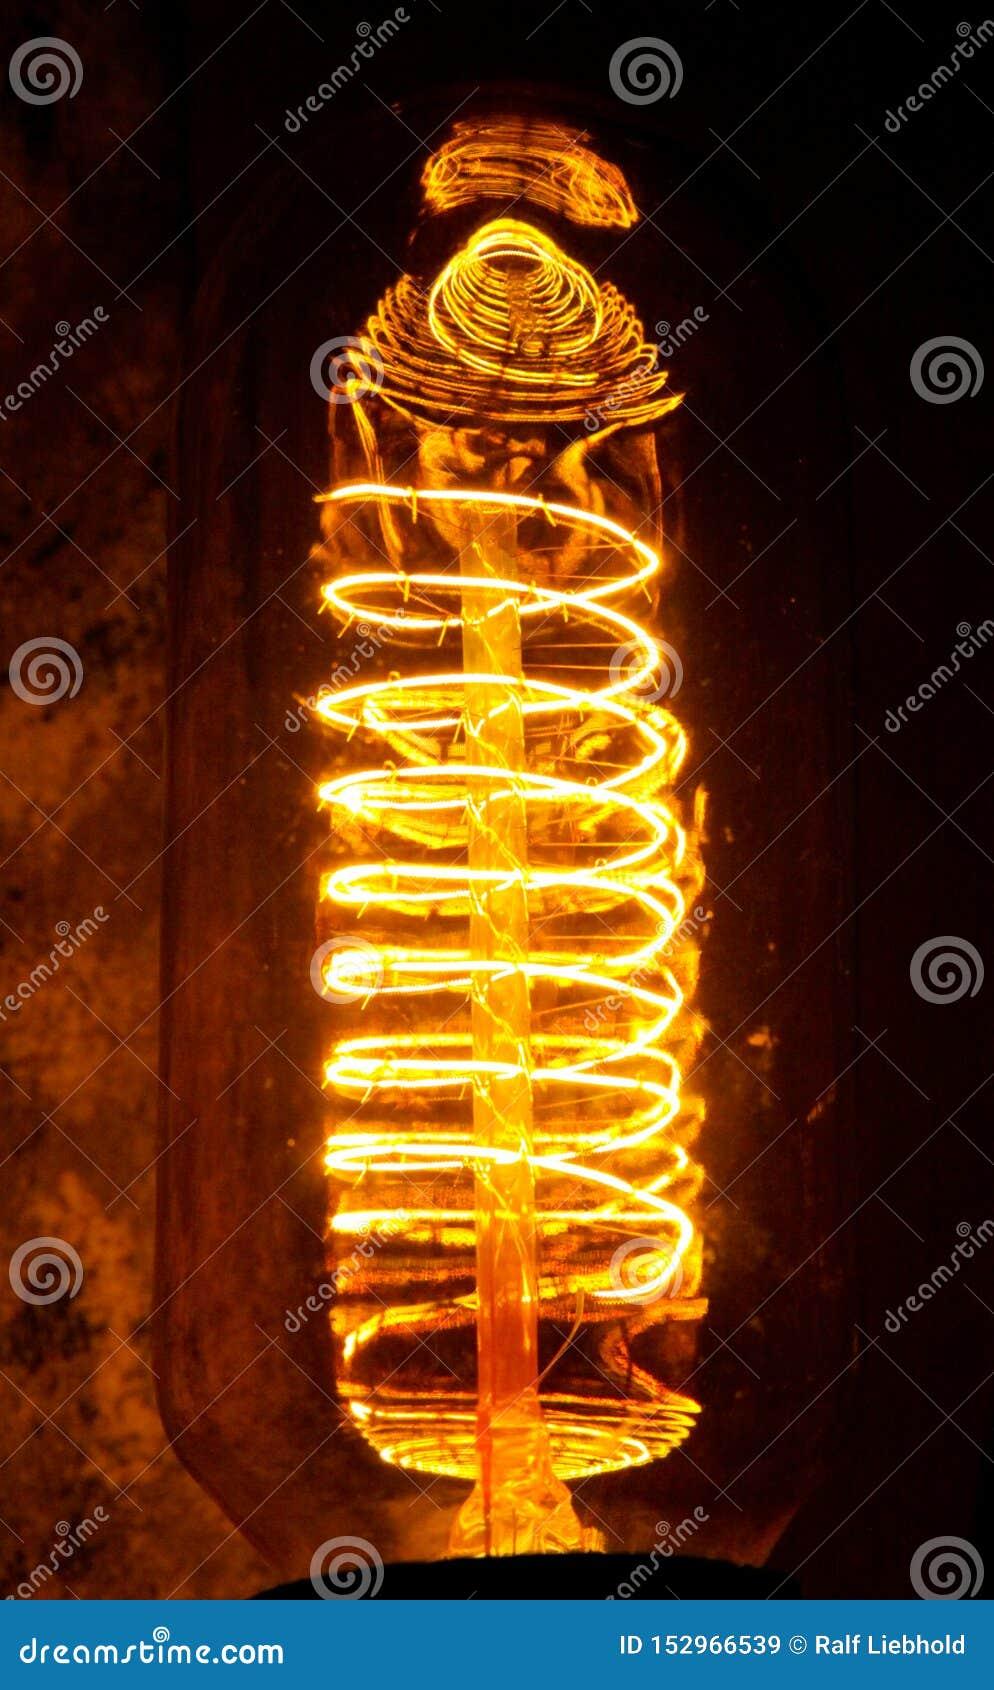 与可看见的发光的导线的被修补的经典白炽爱迪生电灯泡夜